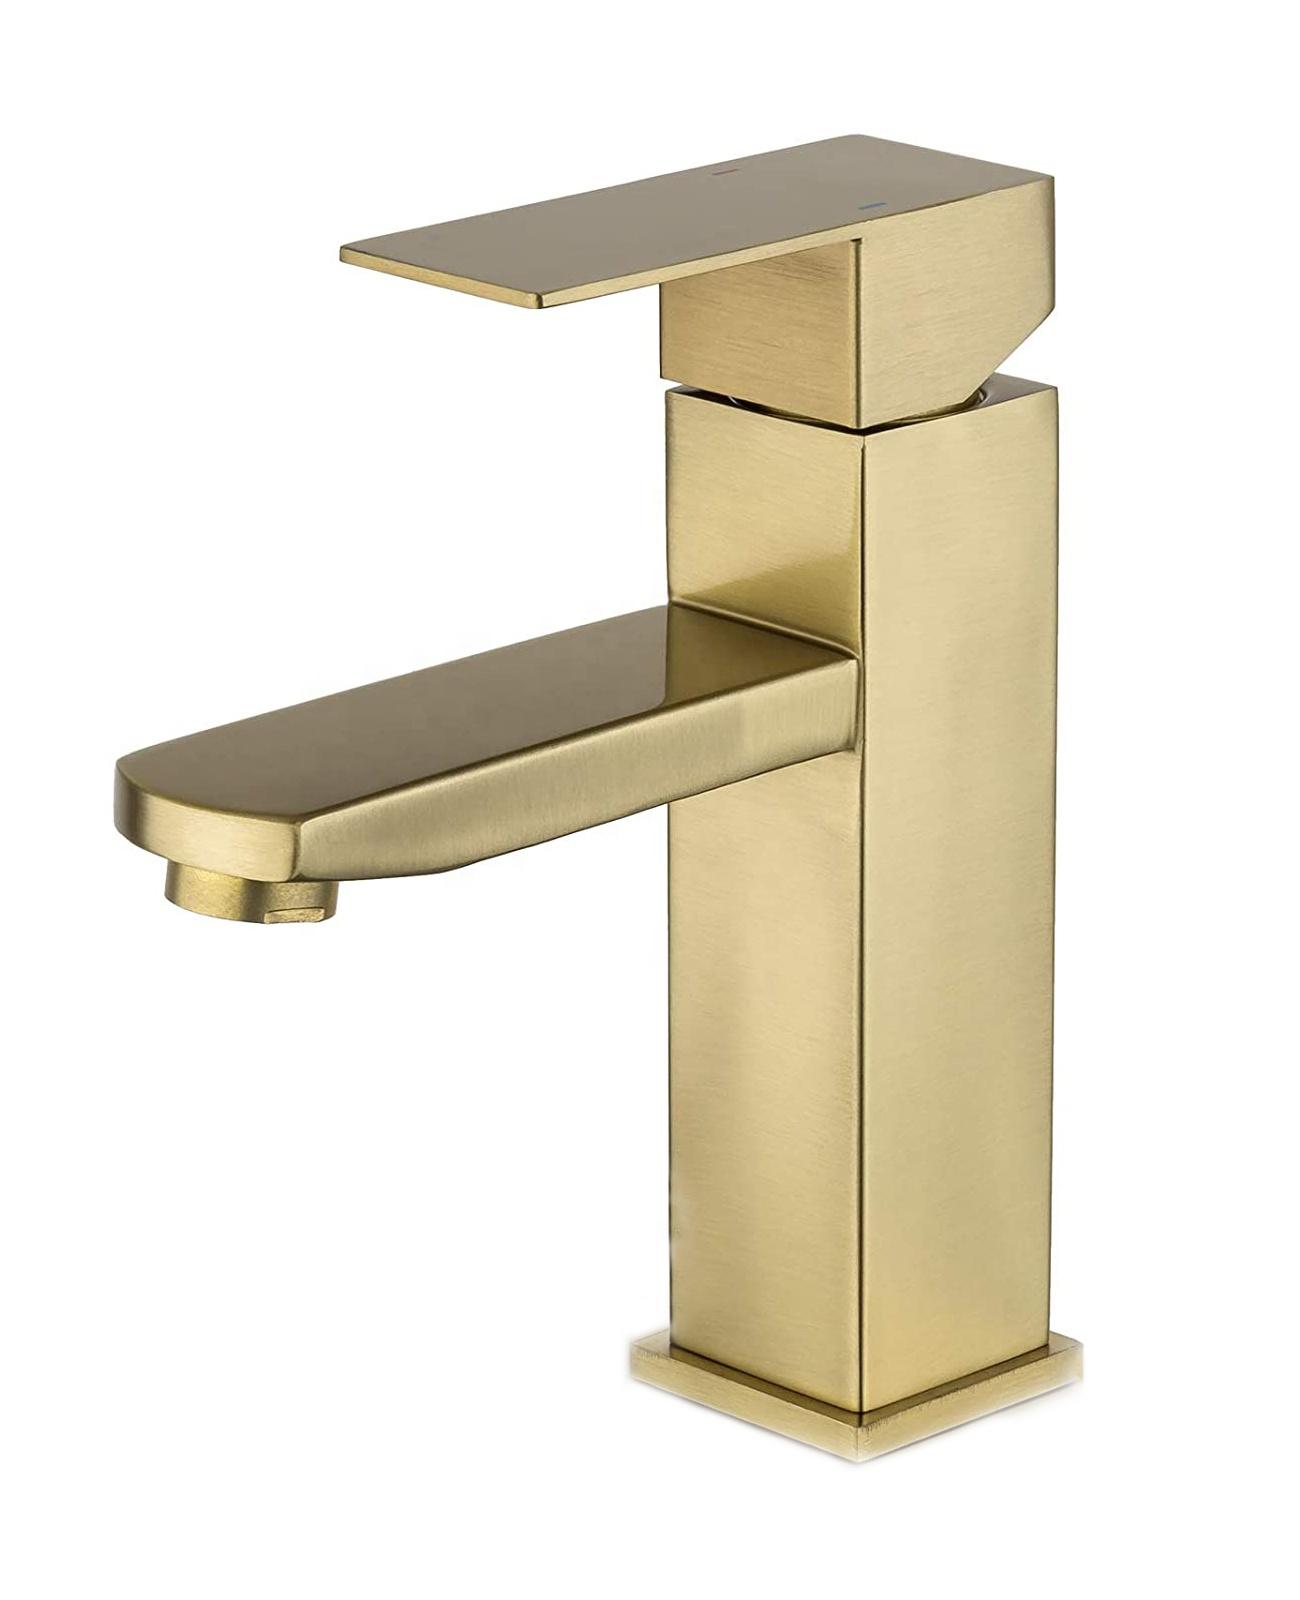 Квадратный смеситель для ванной комнаты из нержавеющей стали Матовый Золотой смеситель для раковины